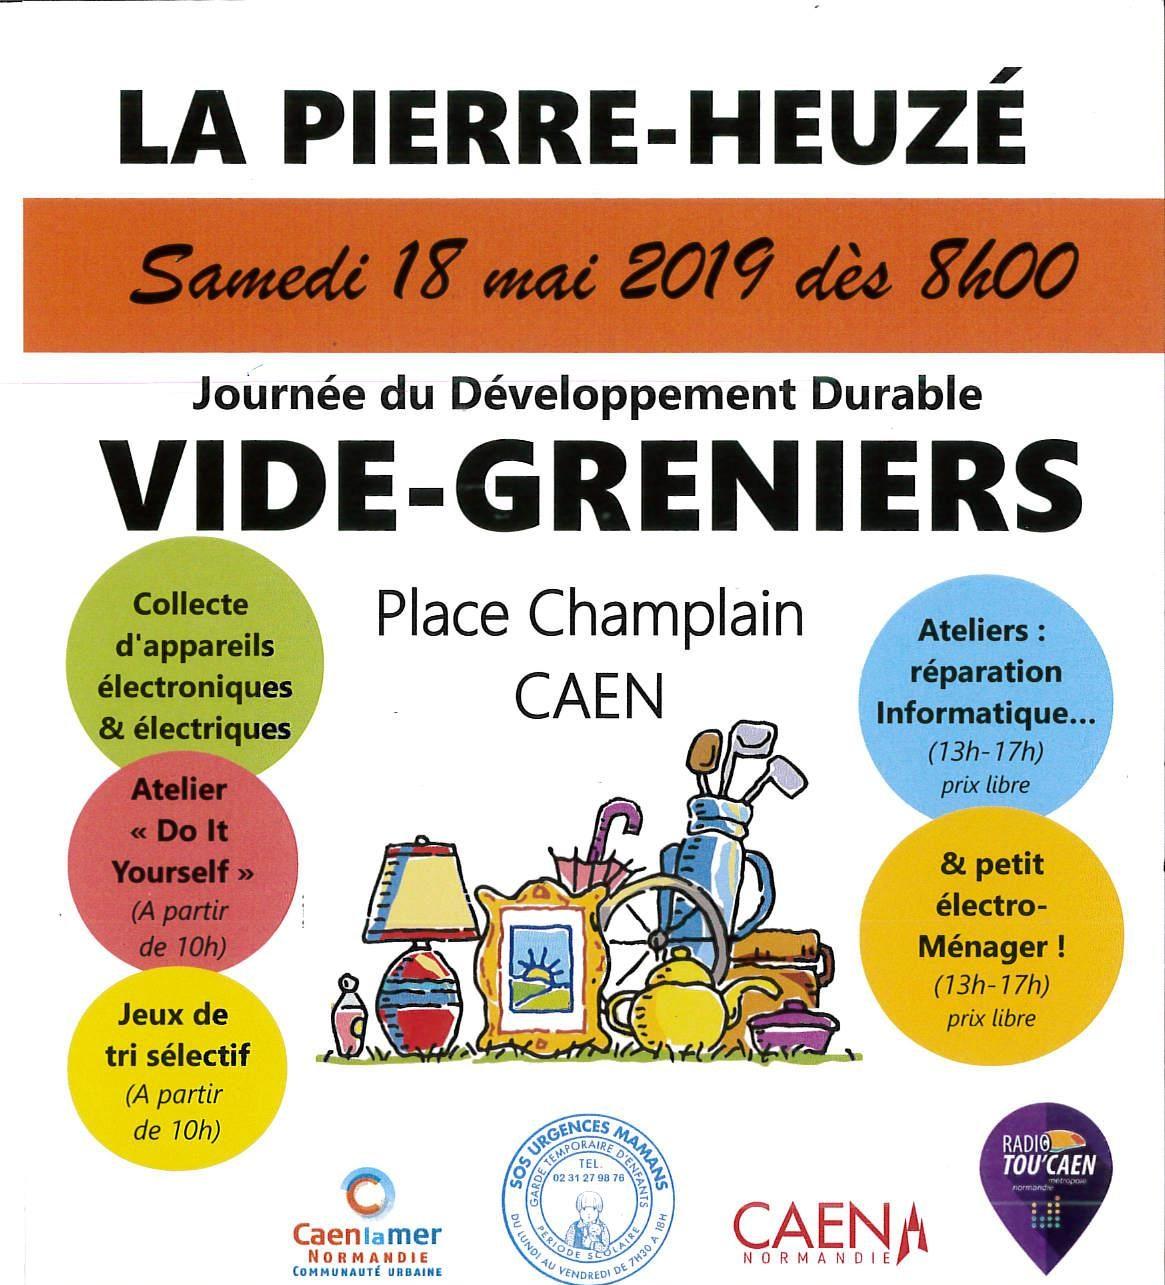 Radio TOU'CAEN au coeur du vide-grenier de la Pierre-Heuzé